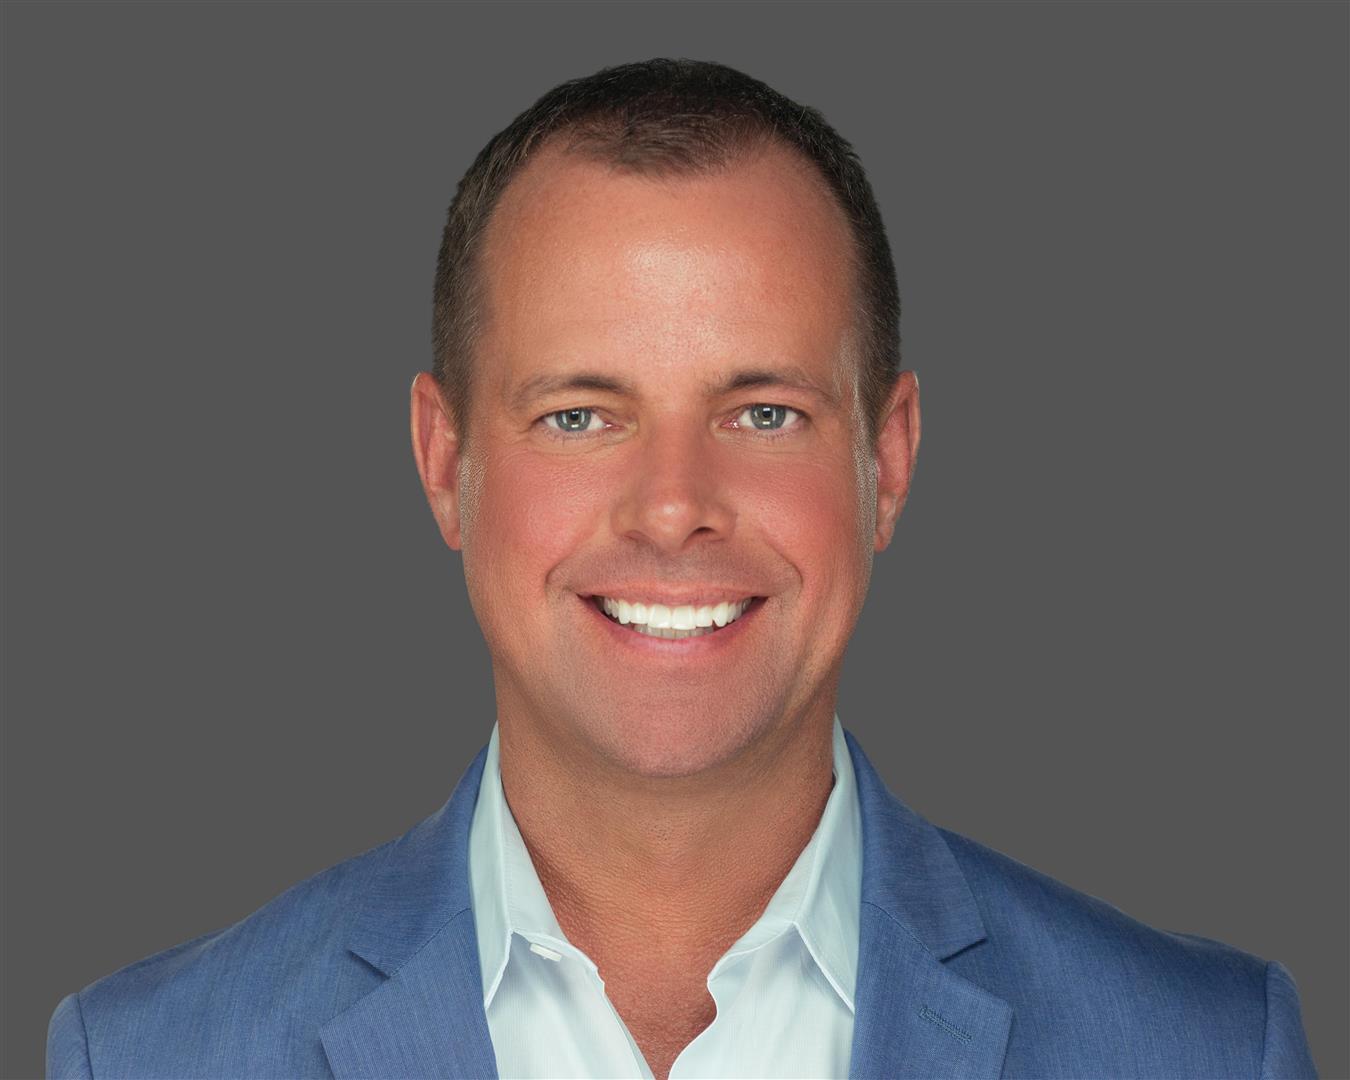 Jason A. Johnson